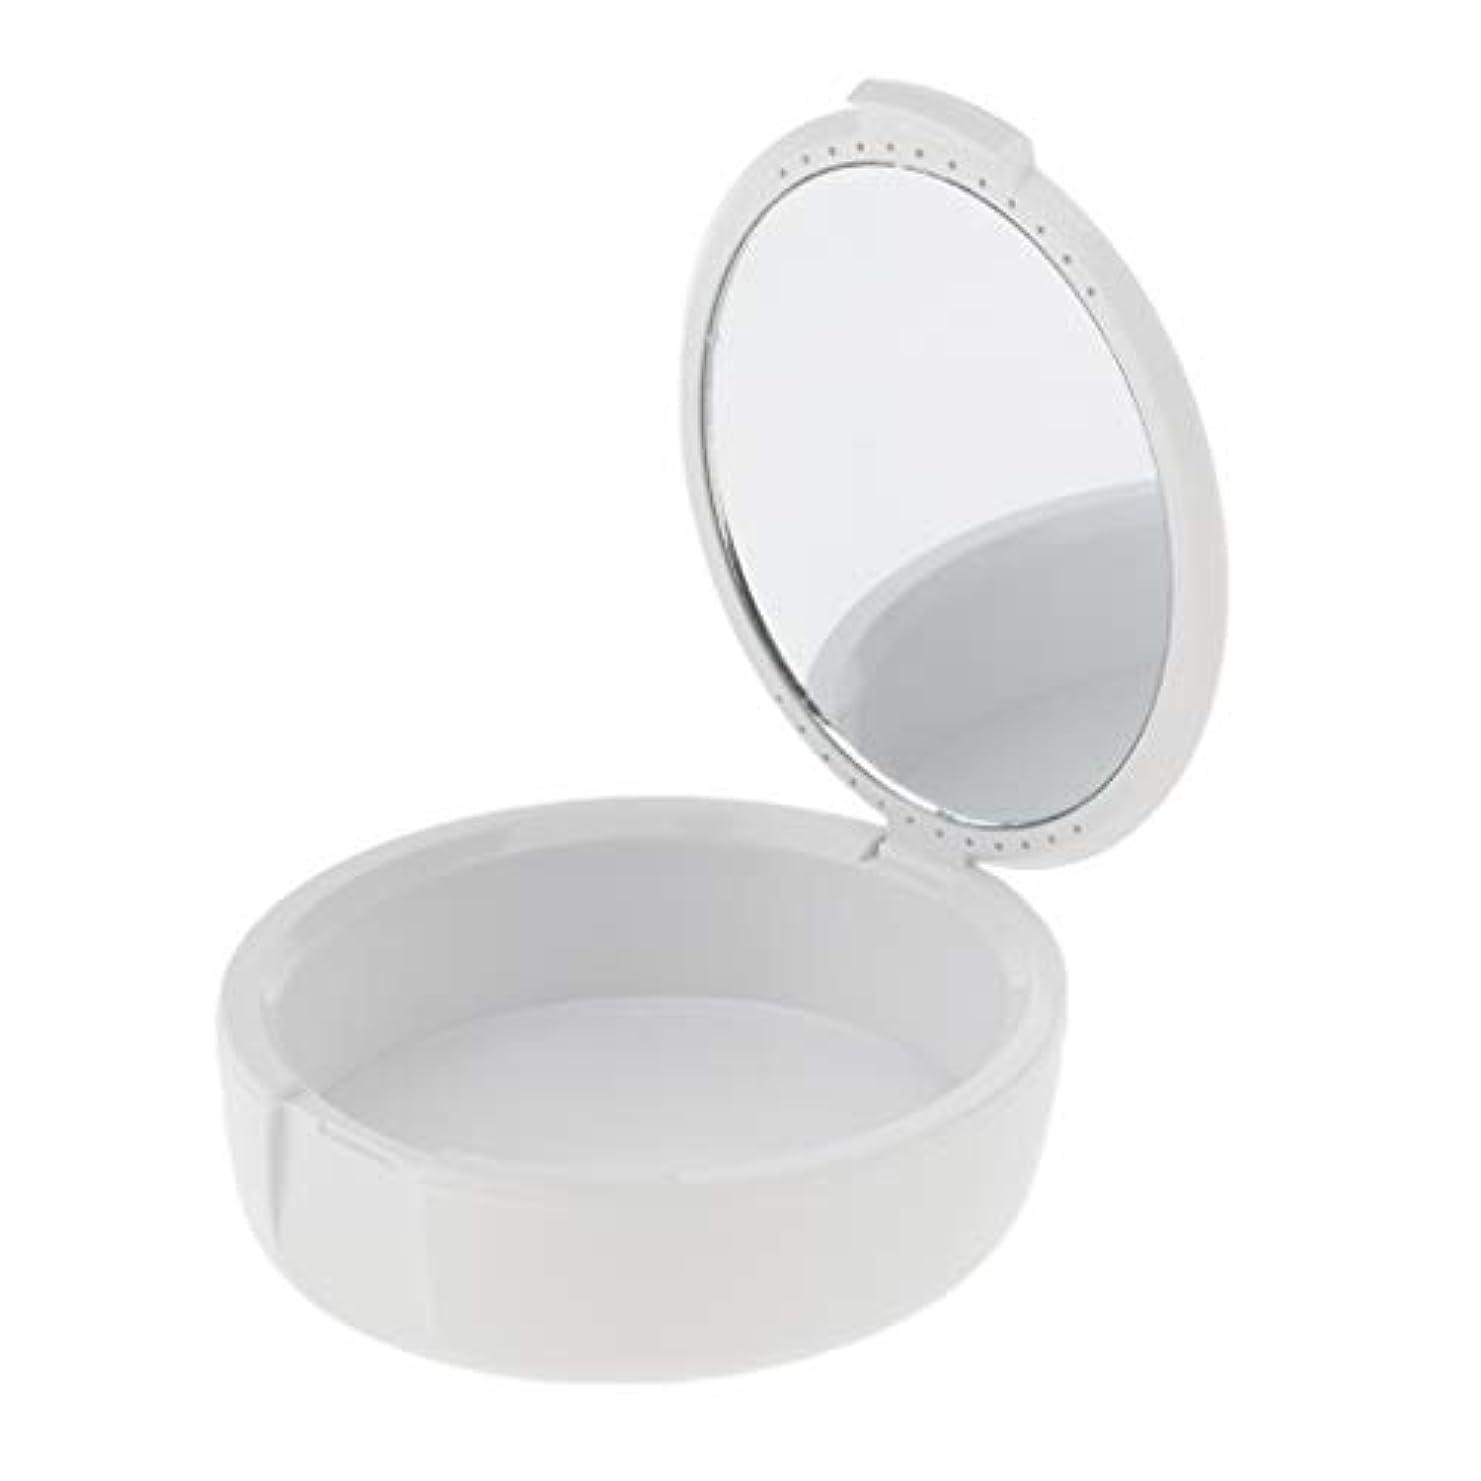 頻繁にほのめかす削減CUTICATE マウスガードケース 義歯収納容器 ミニ 携帯用 2色選べ - 白